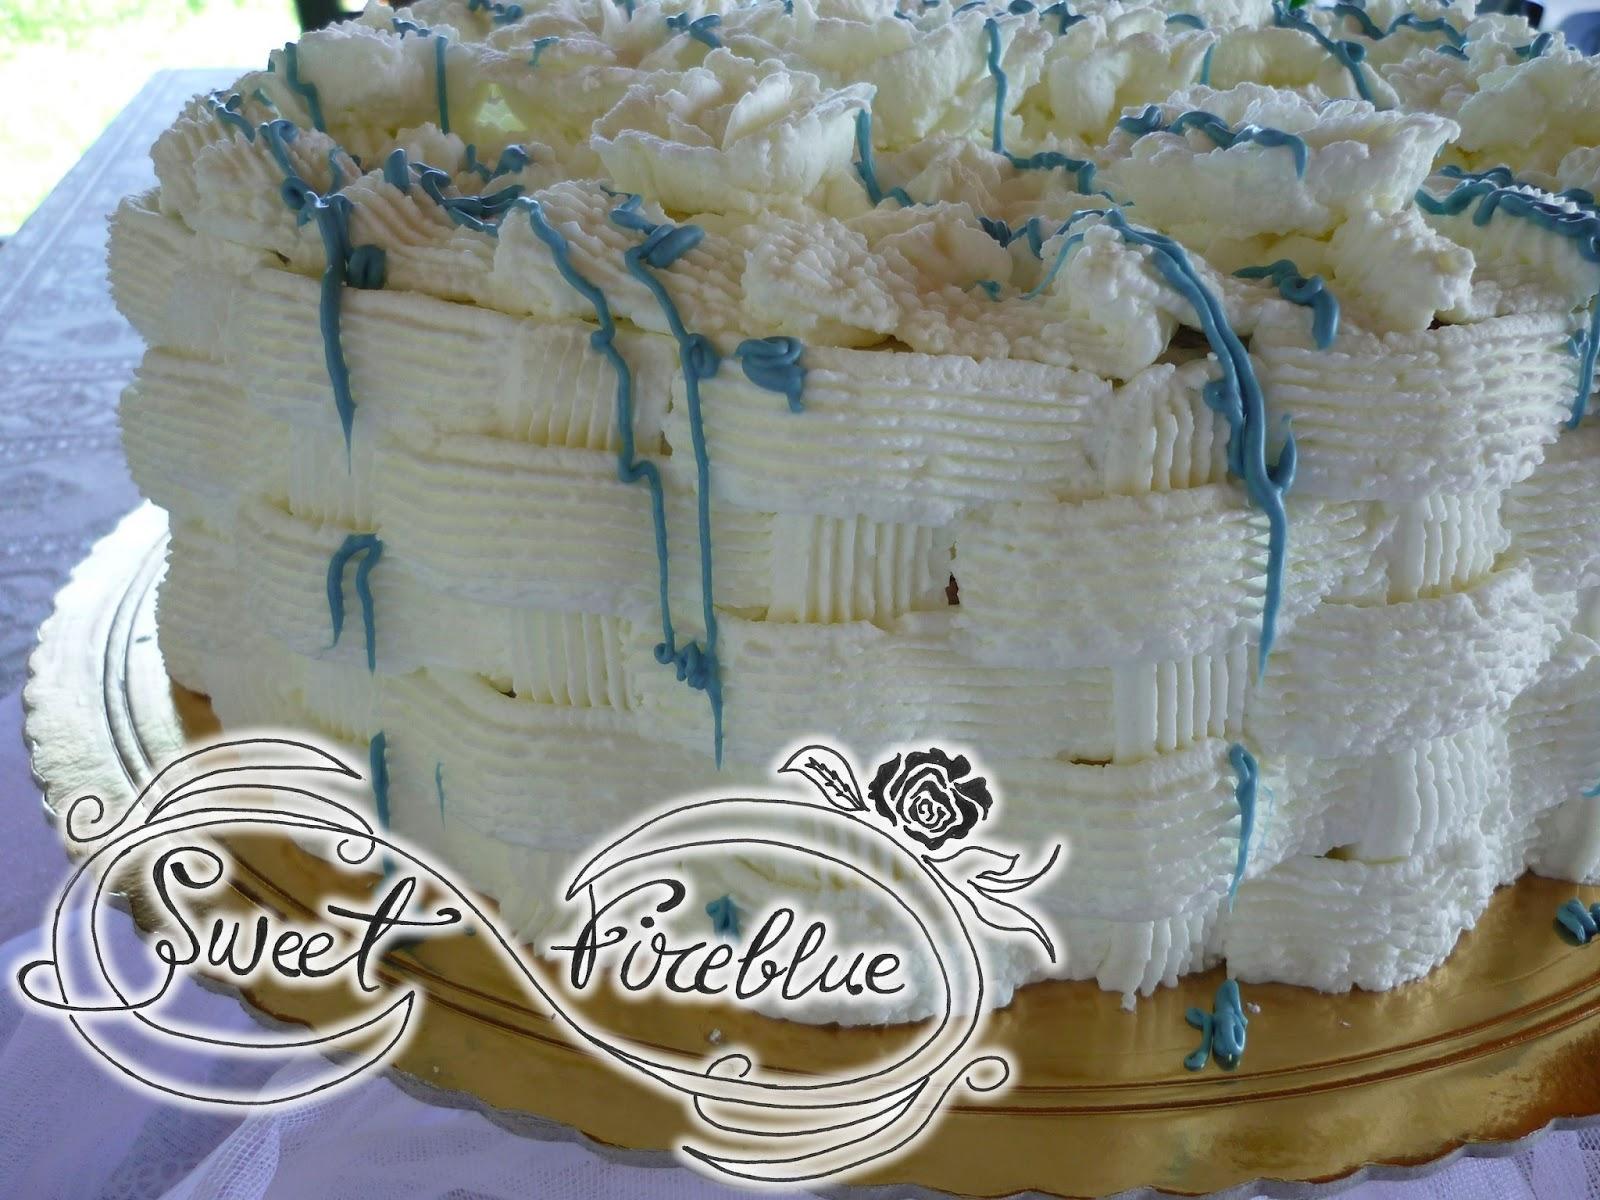 Sweet fireblue torta pannosa alle fragole con la for Decorazione a canestro